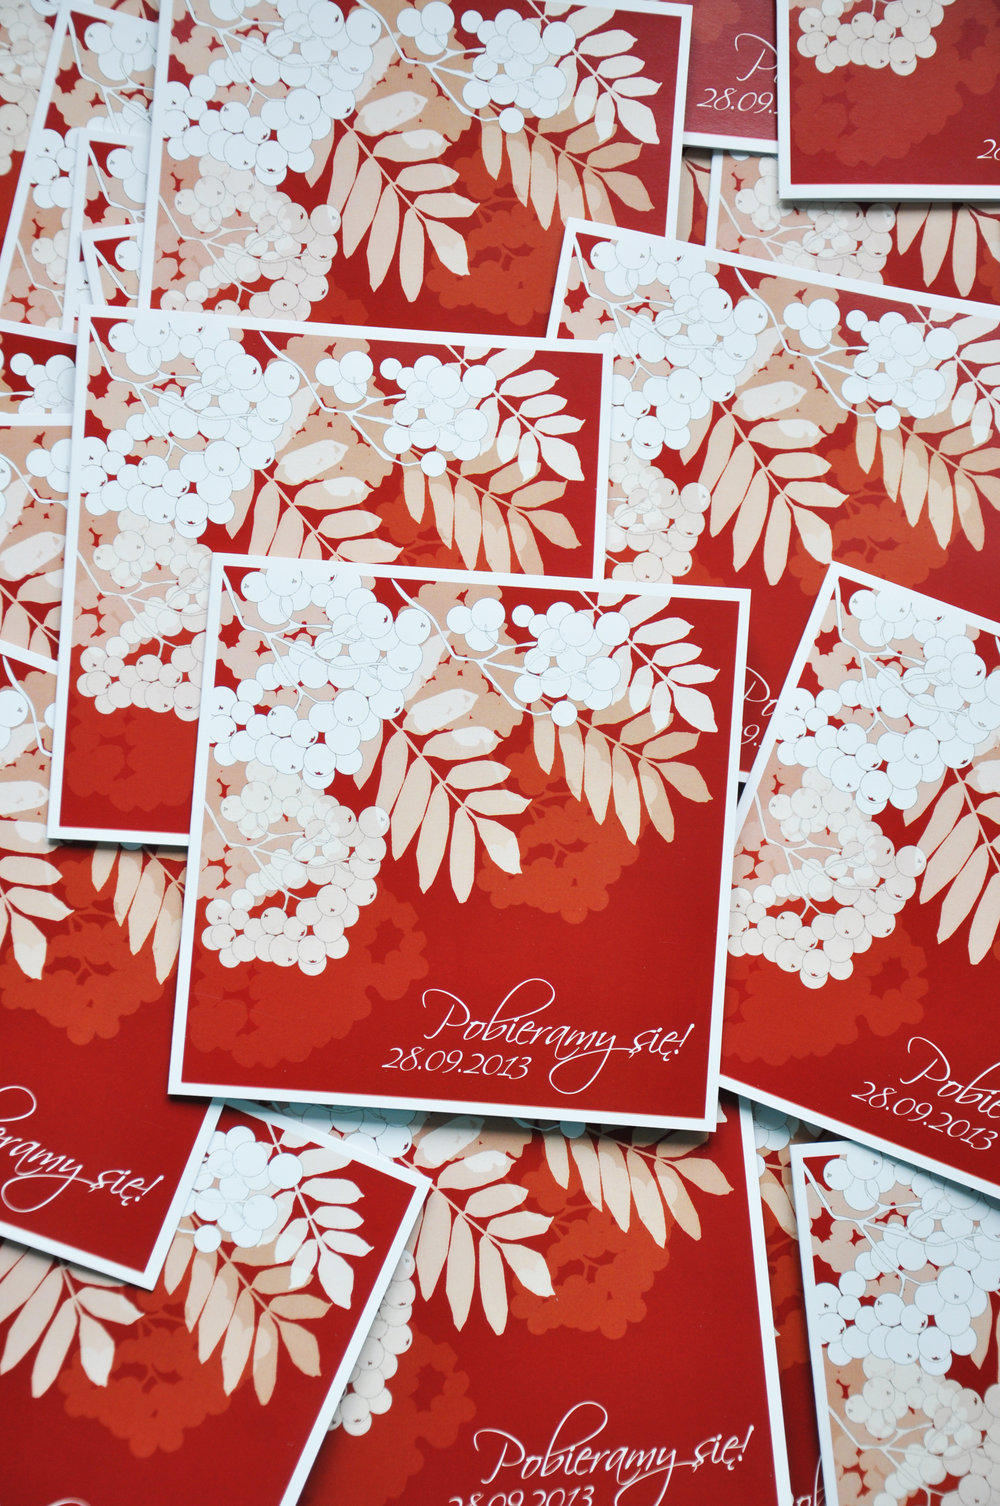 Zaproszenia ślubne jarzębinowa elegancja czerwień bordo biel eleganckie klasyczne z jarzębiną Projekt Ślub (2).JPG